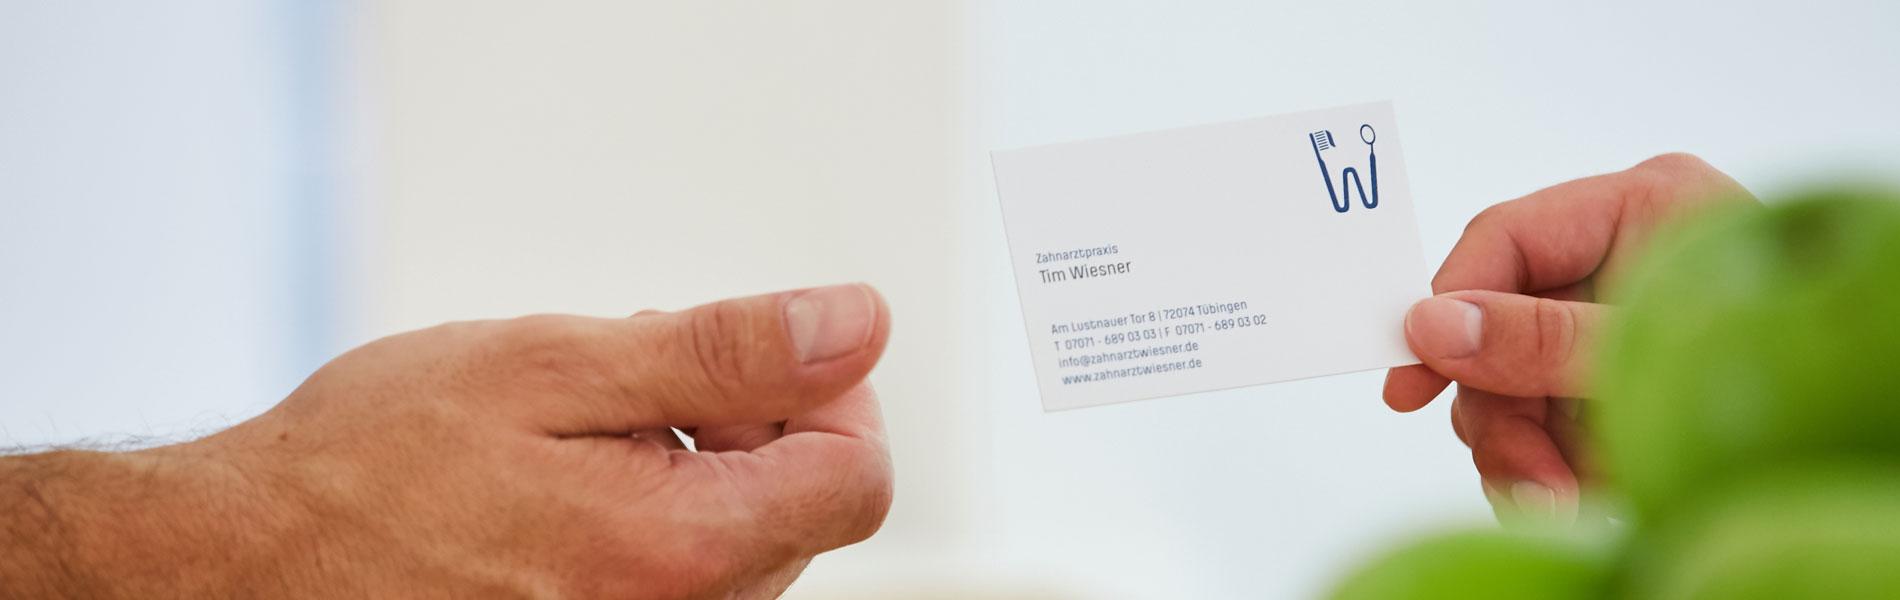 Zahnarztpraxis Dr. Wiesner - Kontakt 2